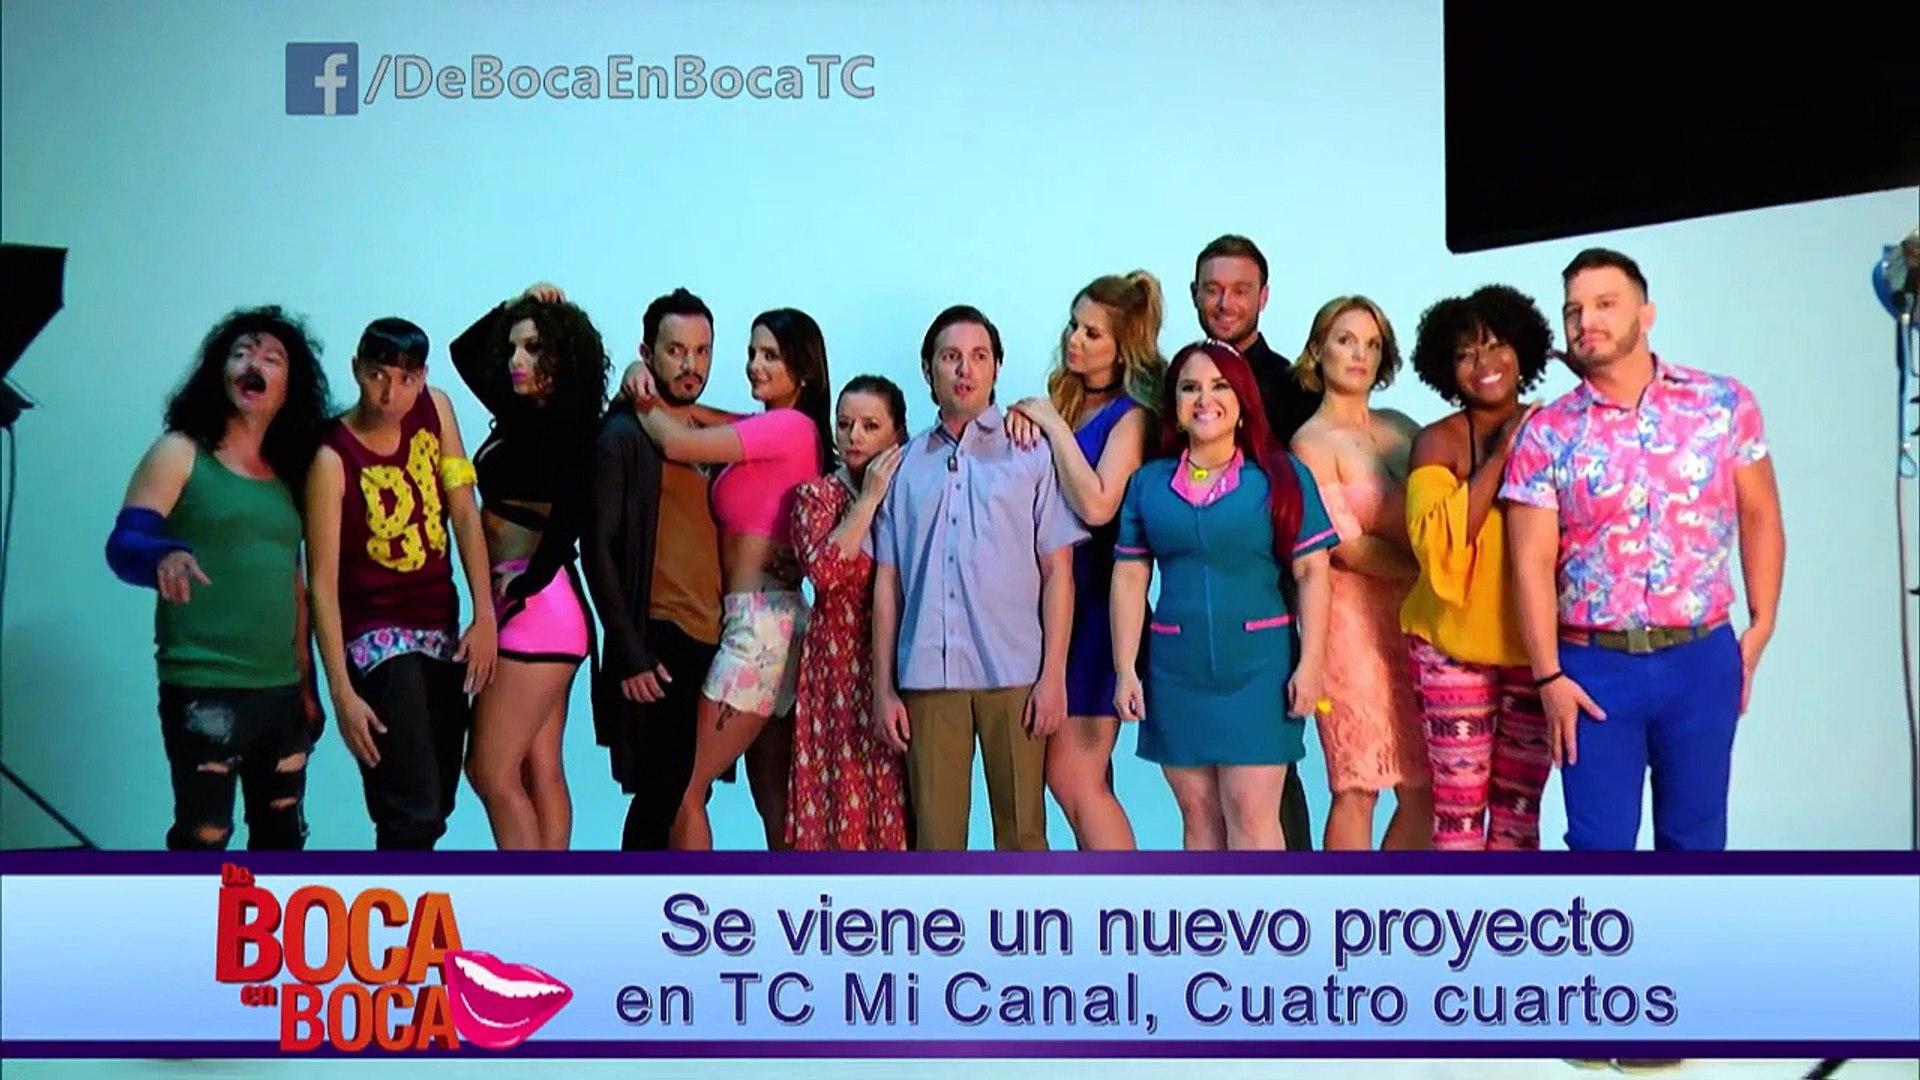 Se viene un nuevo proyecto en TC Mi Canal, Cuatro cuartos